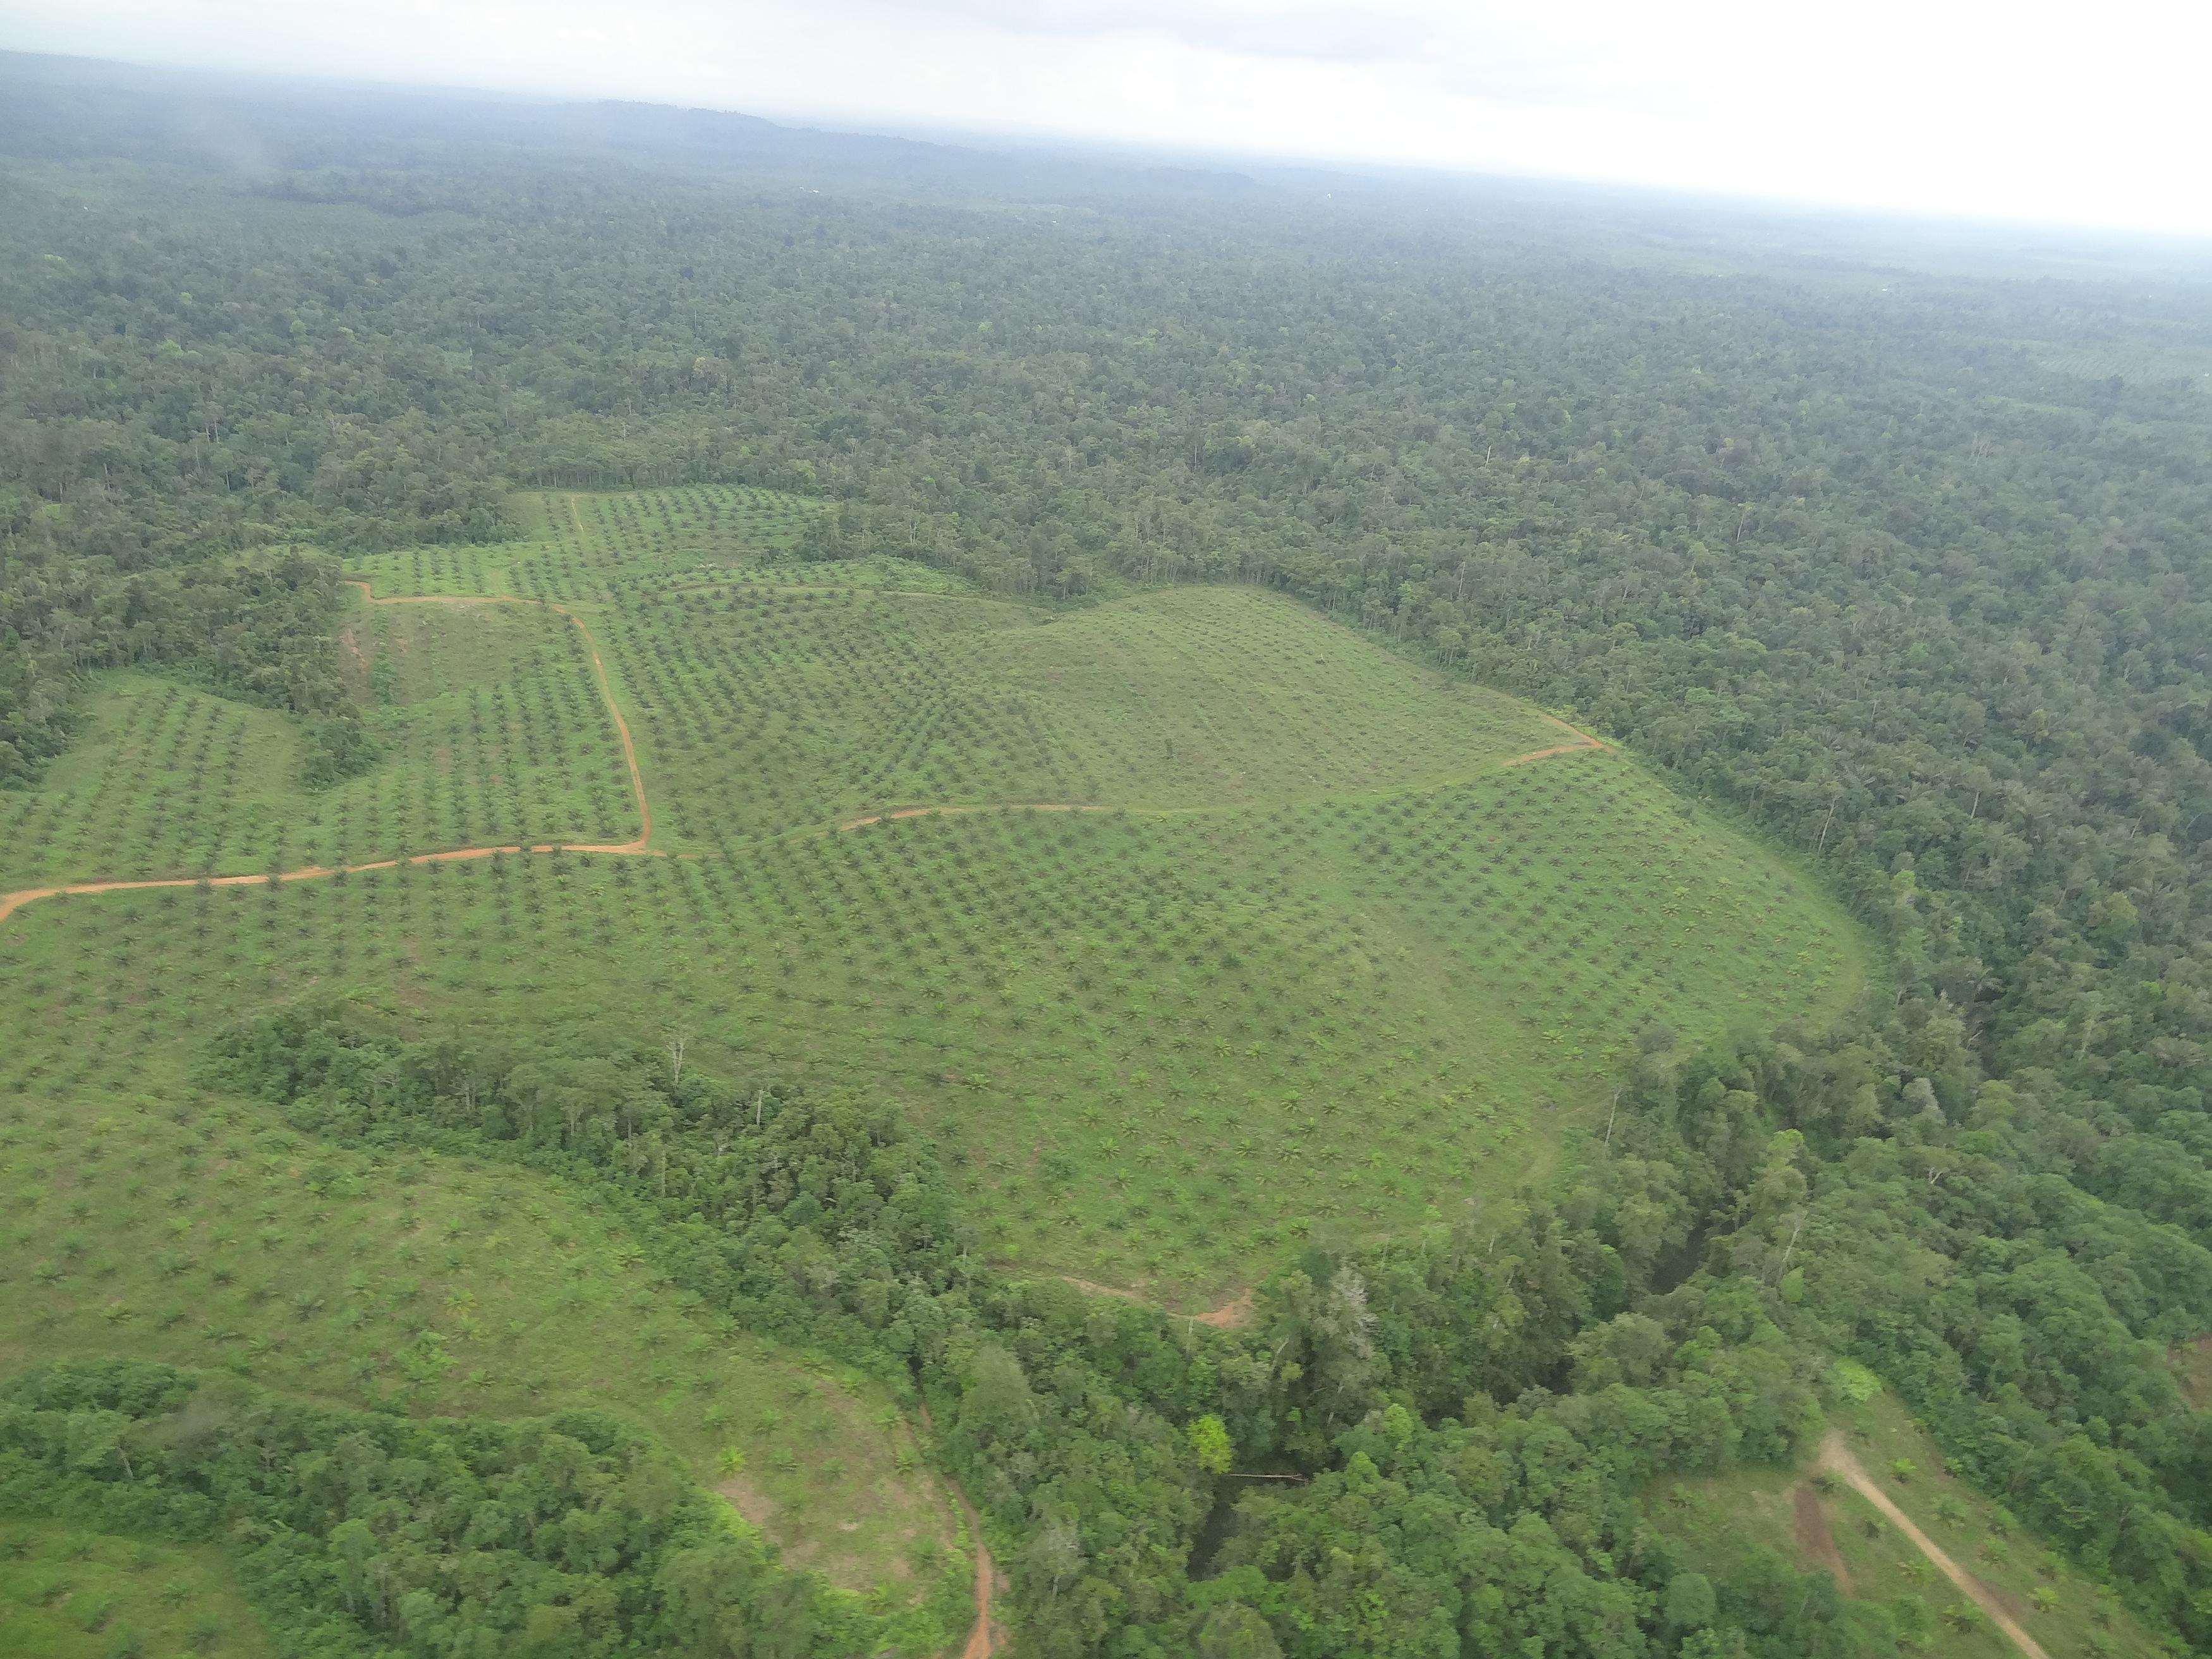 Palma de aceite en Ecuador. Vista aérea de la deforestación por palma en la provincia de Esmeraldas. Foto: Eduardo Rebolledo.